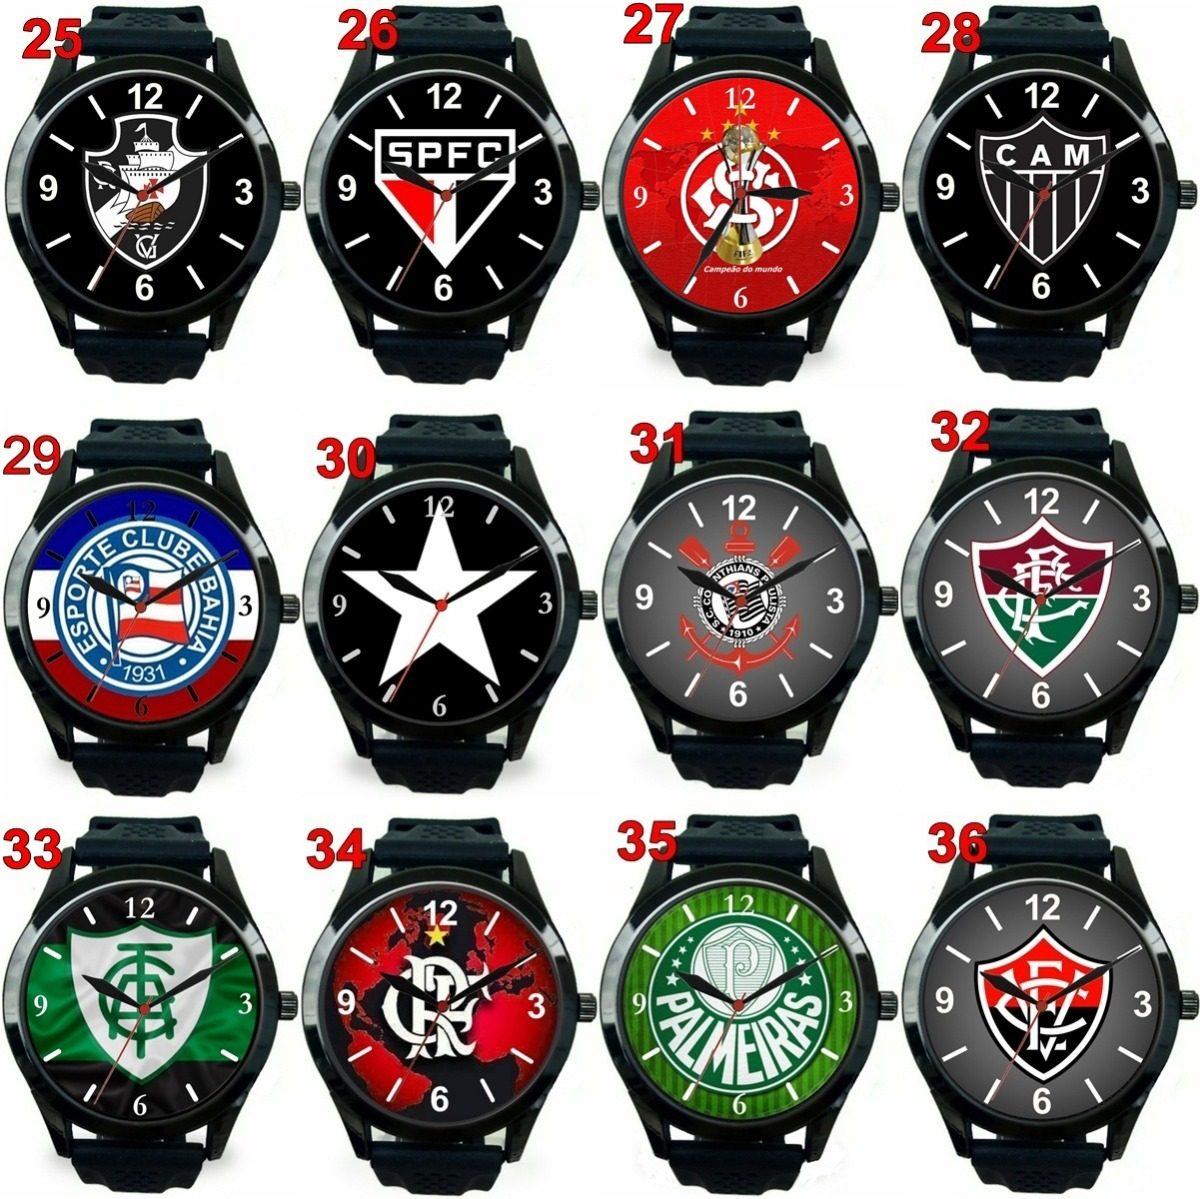 e4ddf01cc53 kit 3 relógio pulso esportivo futebol barato revenda atacado. Carregando  zoom.